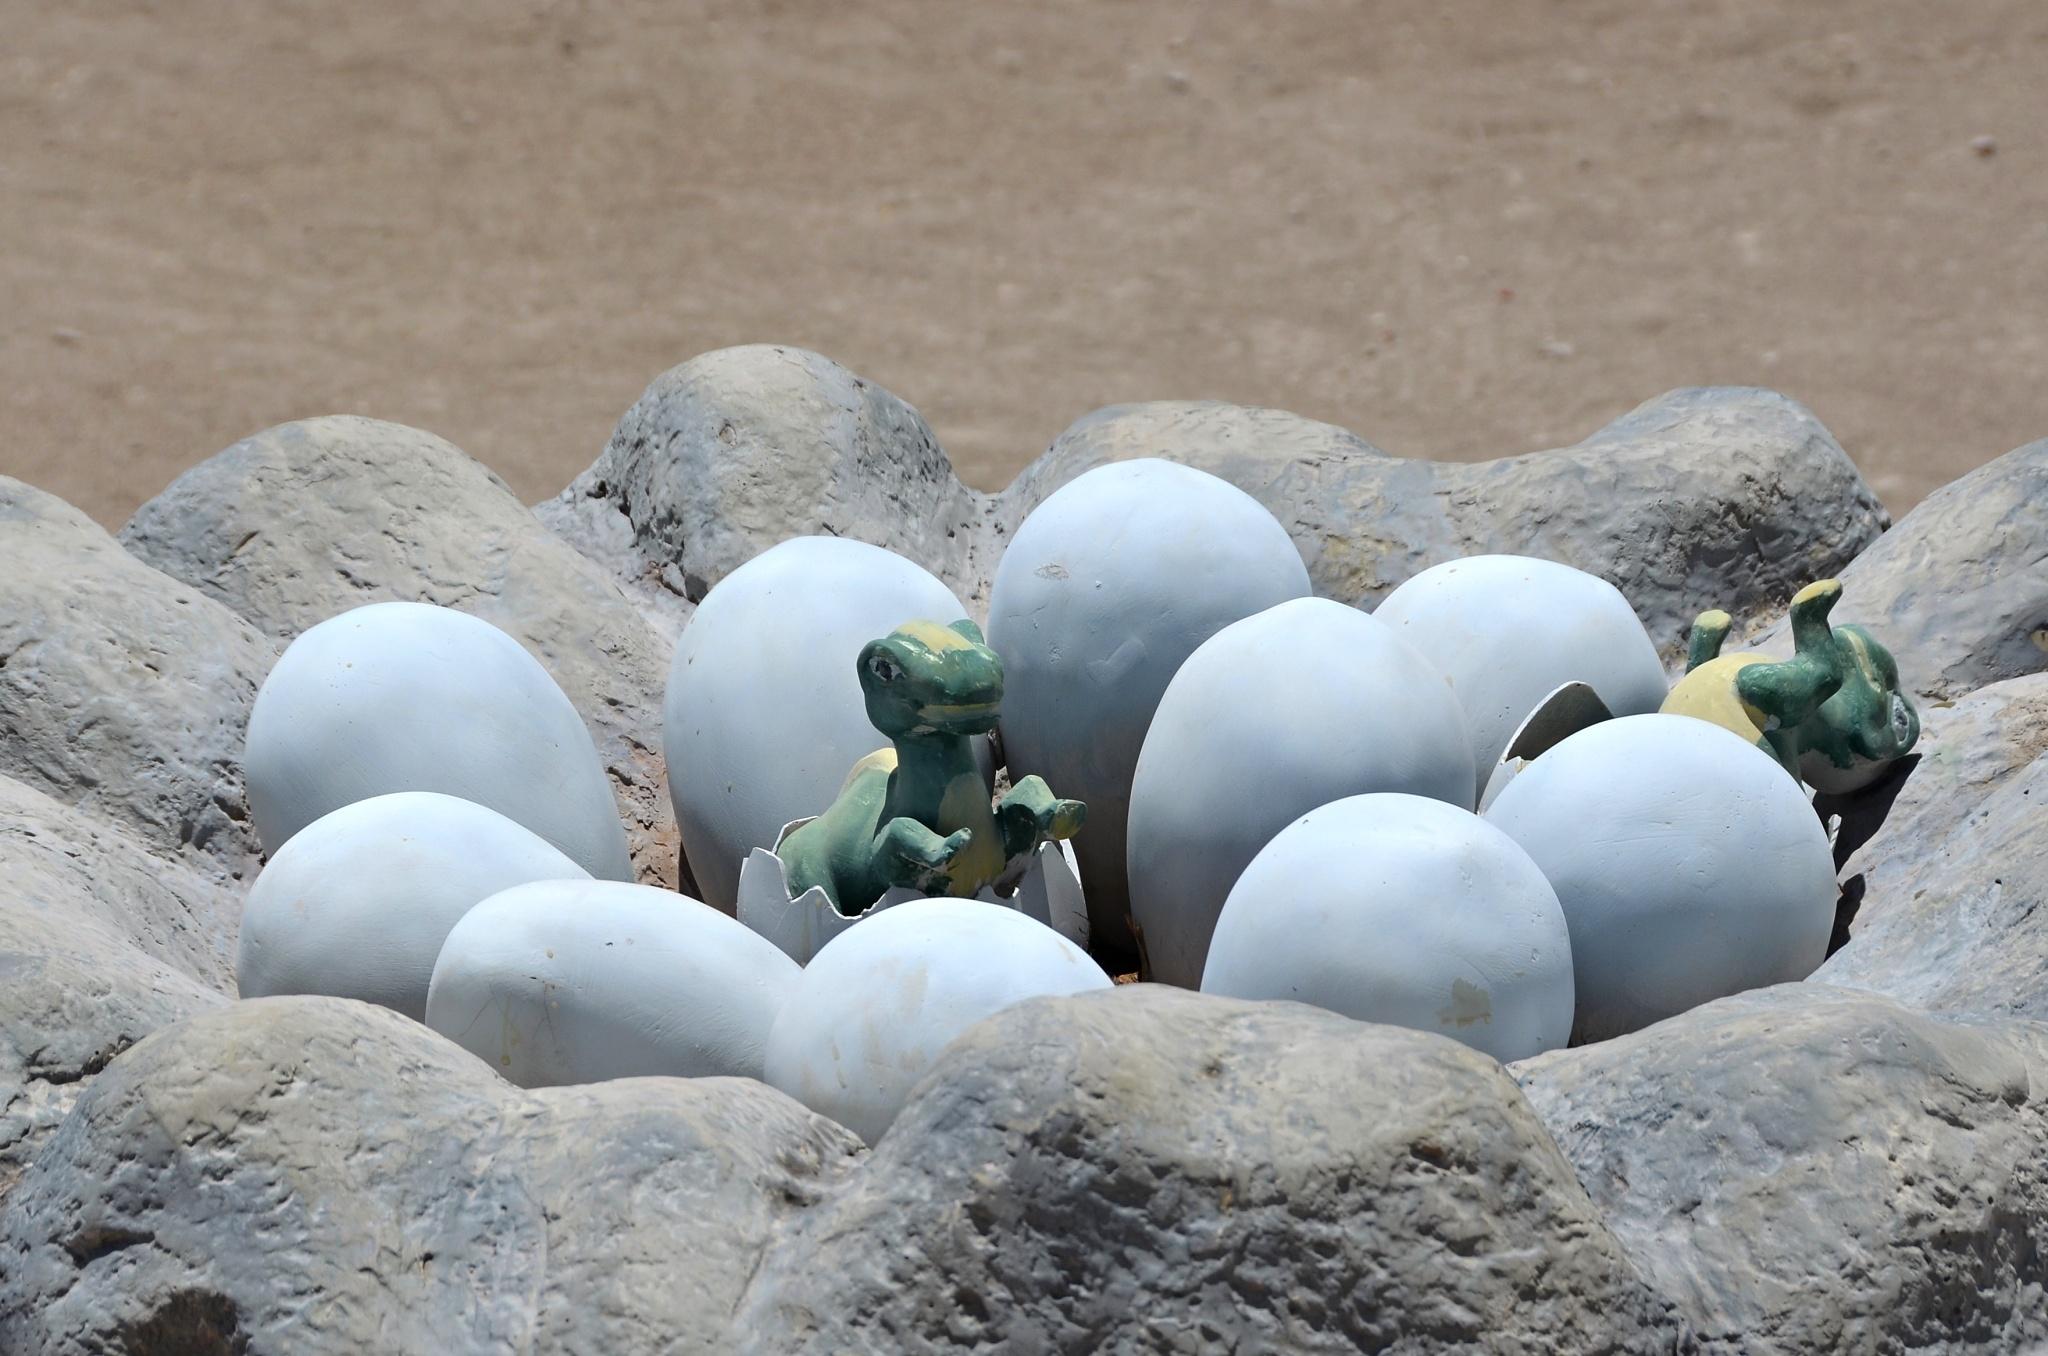 Líhnoucí se ještěrky